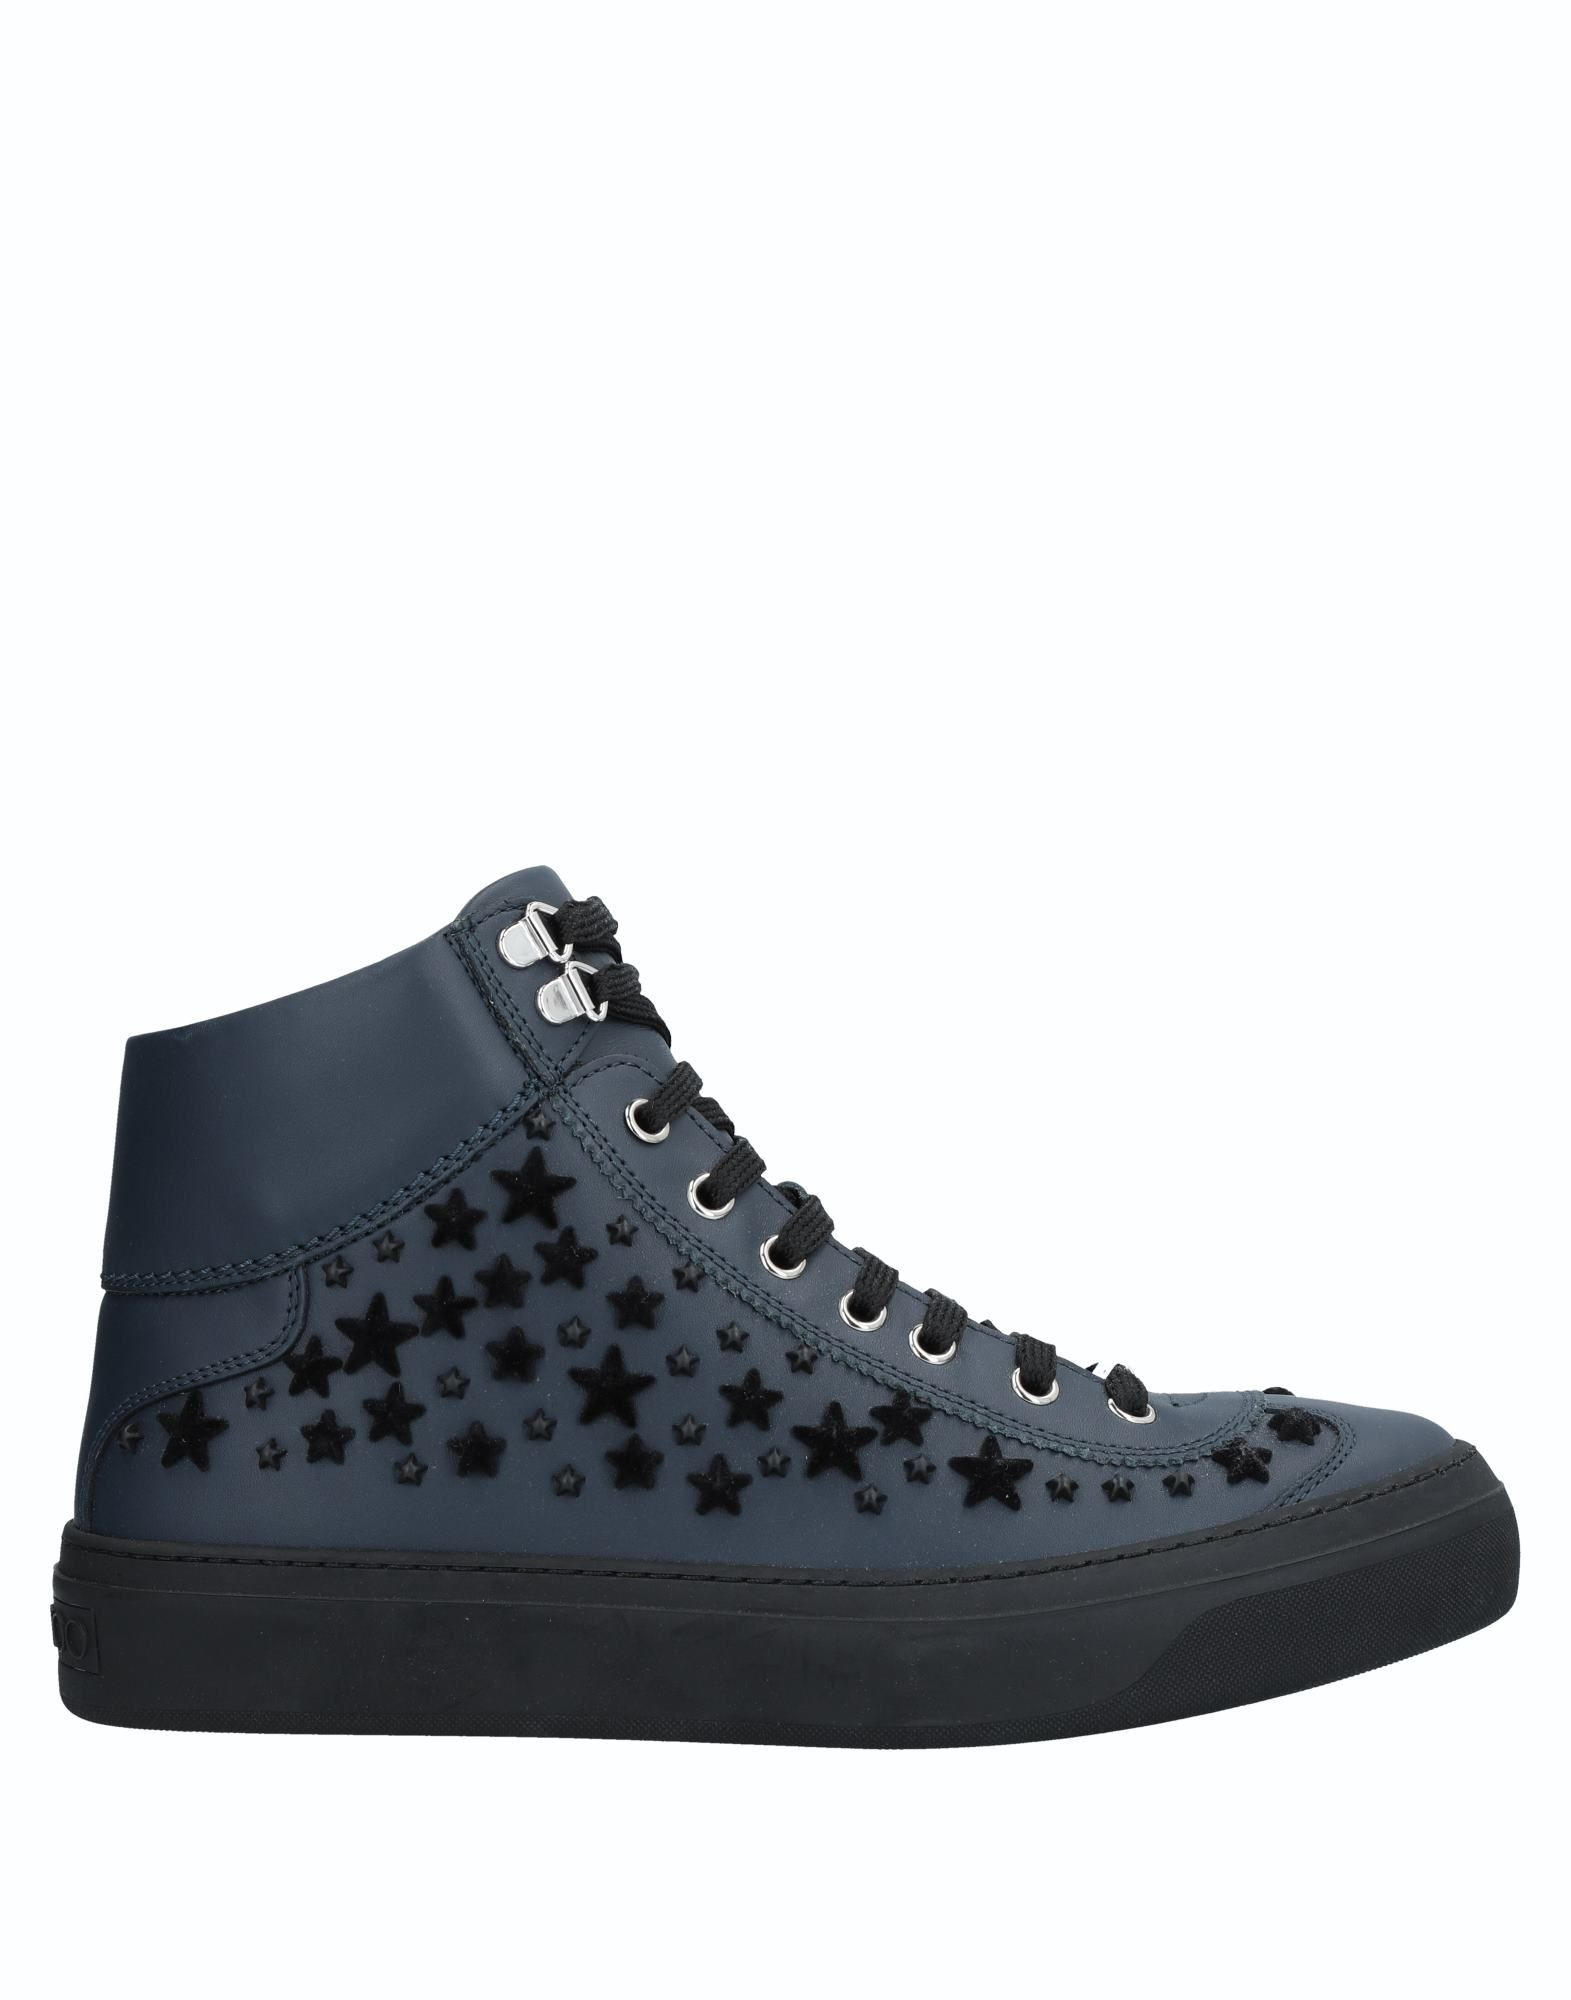 Jimmy Choo Sneakers Herren   Herren 11537968TQ Gute Qualität beliebte Schuhe 1f6106